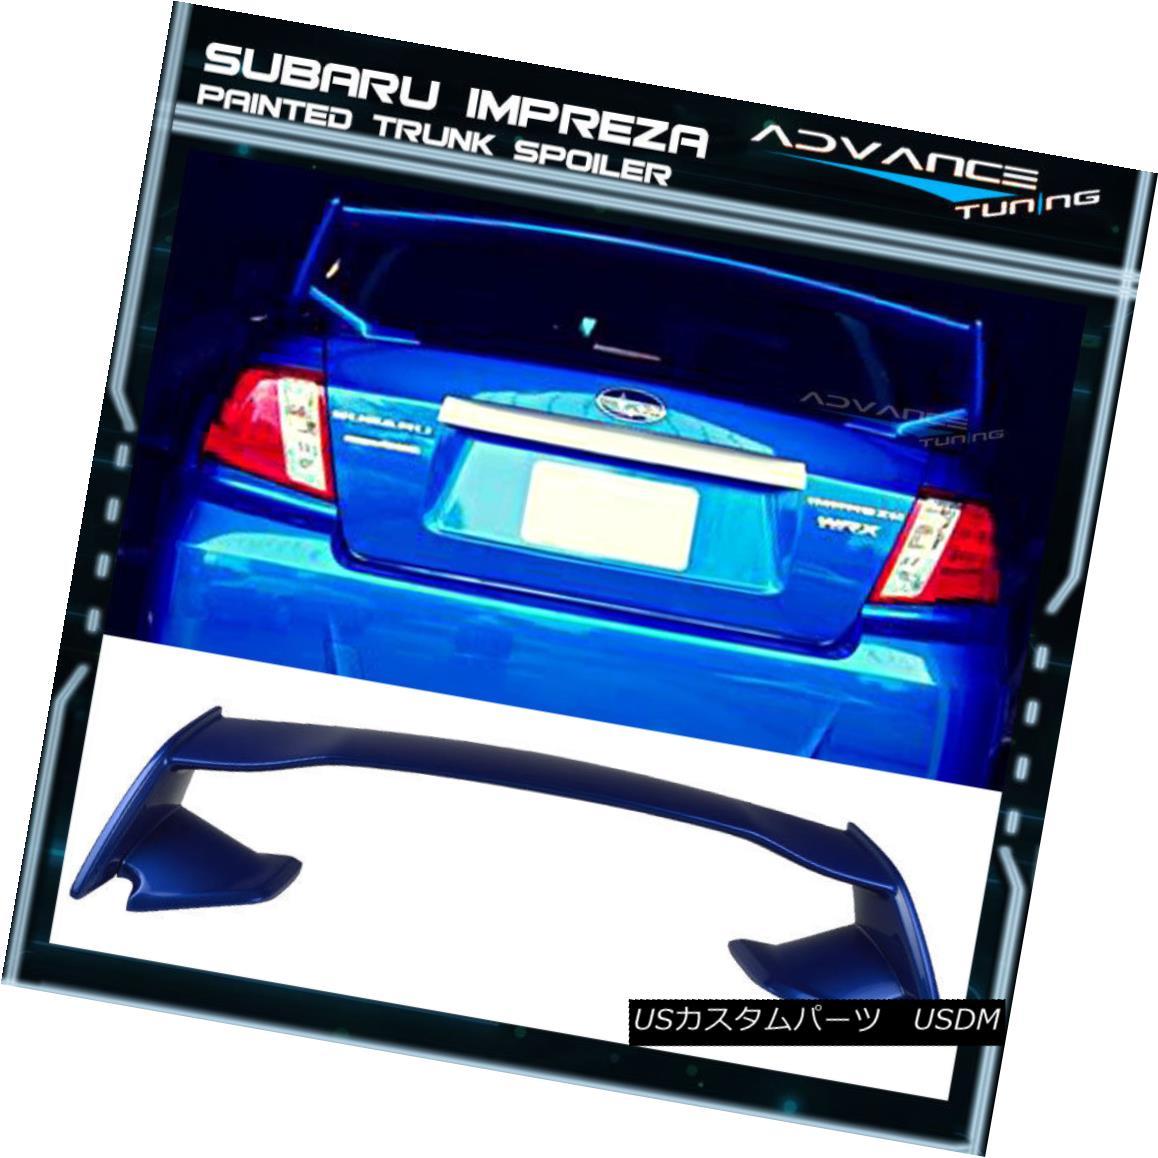 エアロパーツ For 08-14 WRX STI Trunk Spoiler OEM Painted Color #02C World Rally Blue Pearl 08-14 WRX STIトランク・スポイラーOEM塗装カラー#02C World Rally Blue Pearl